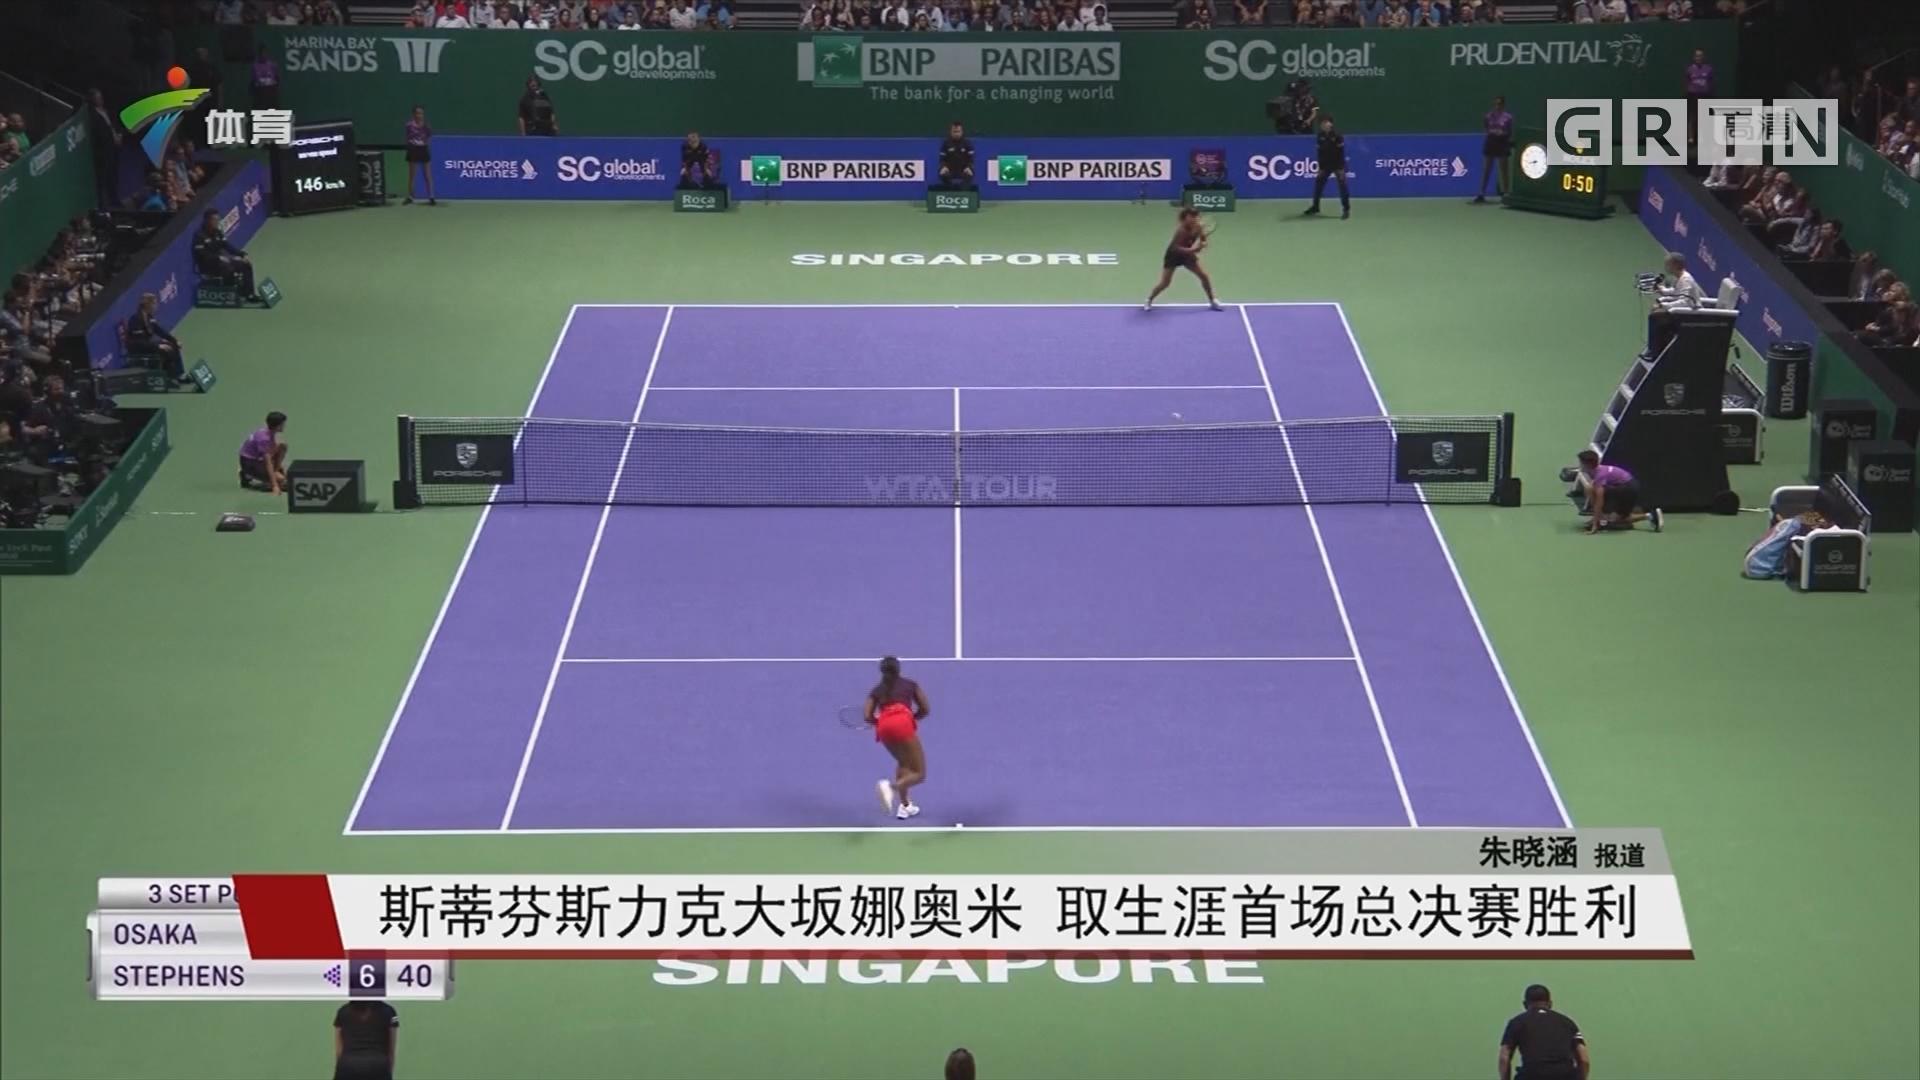 斯蒂芬斯力克大坂娜奥米 取生涯首场总决赛胜利